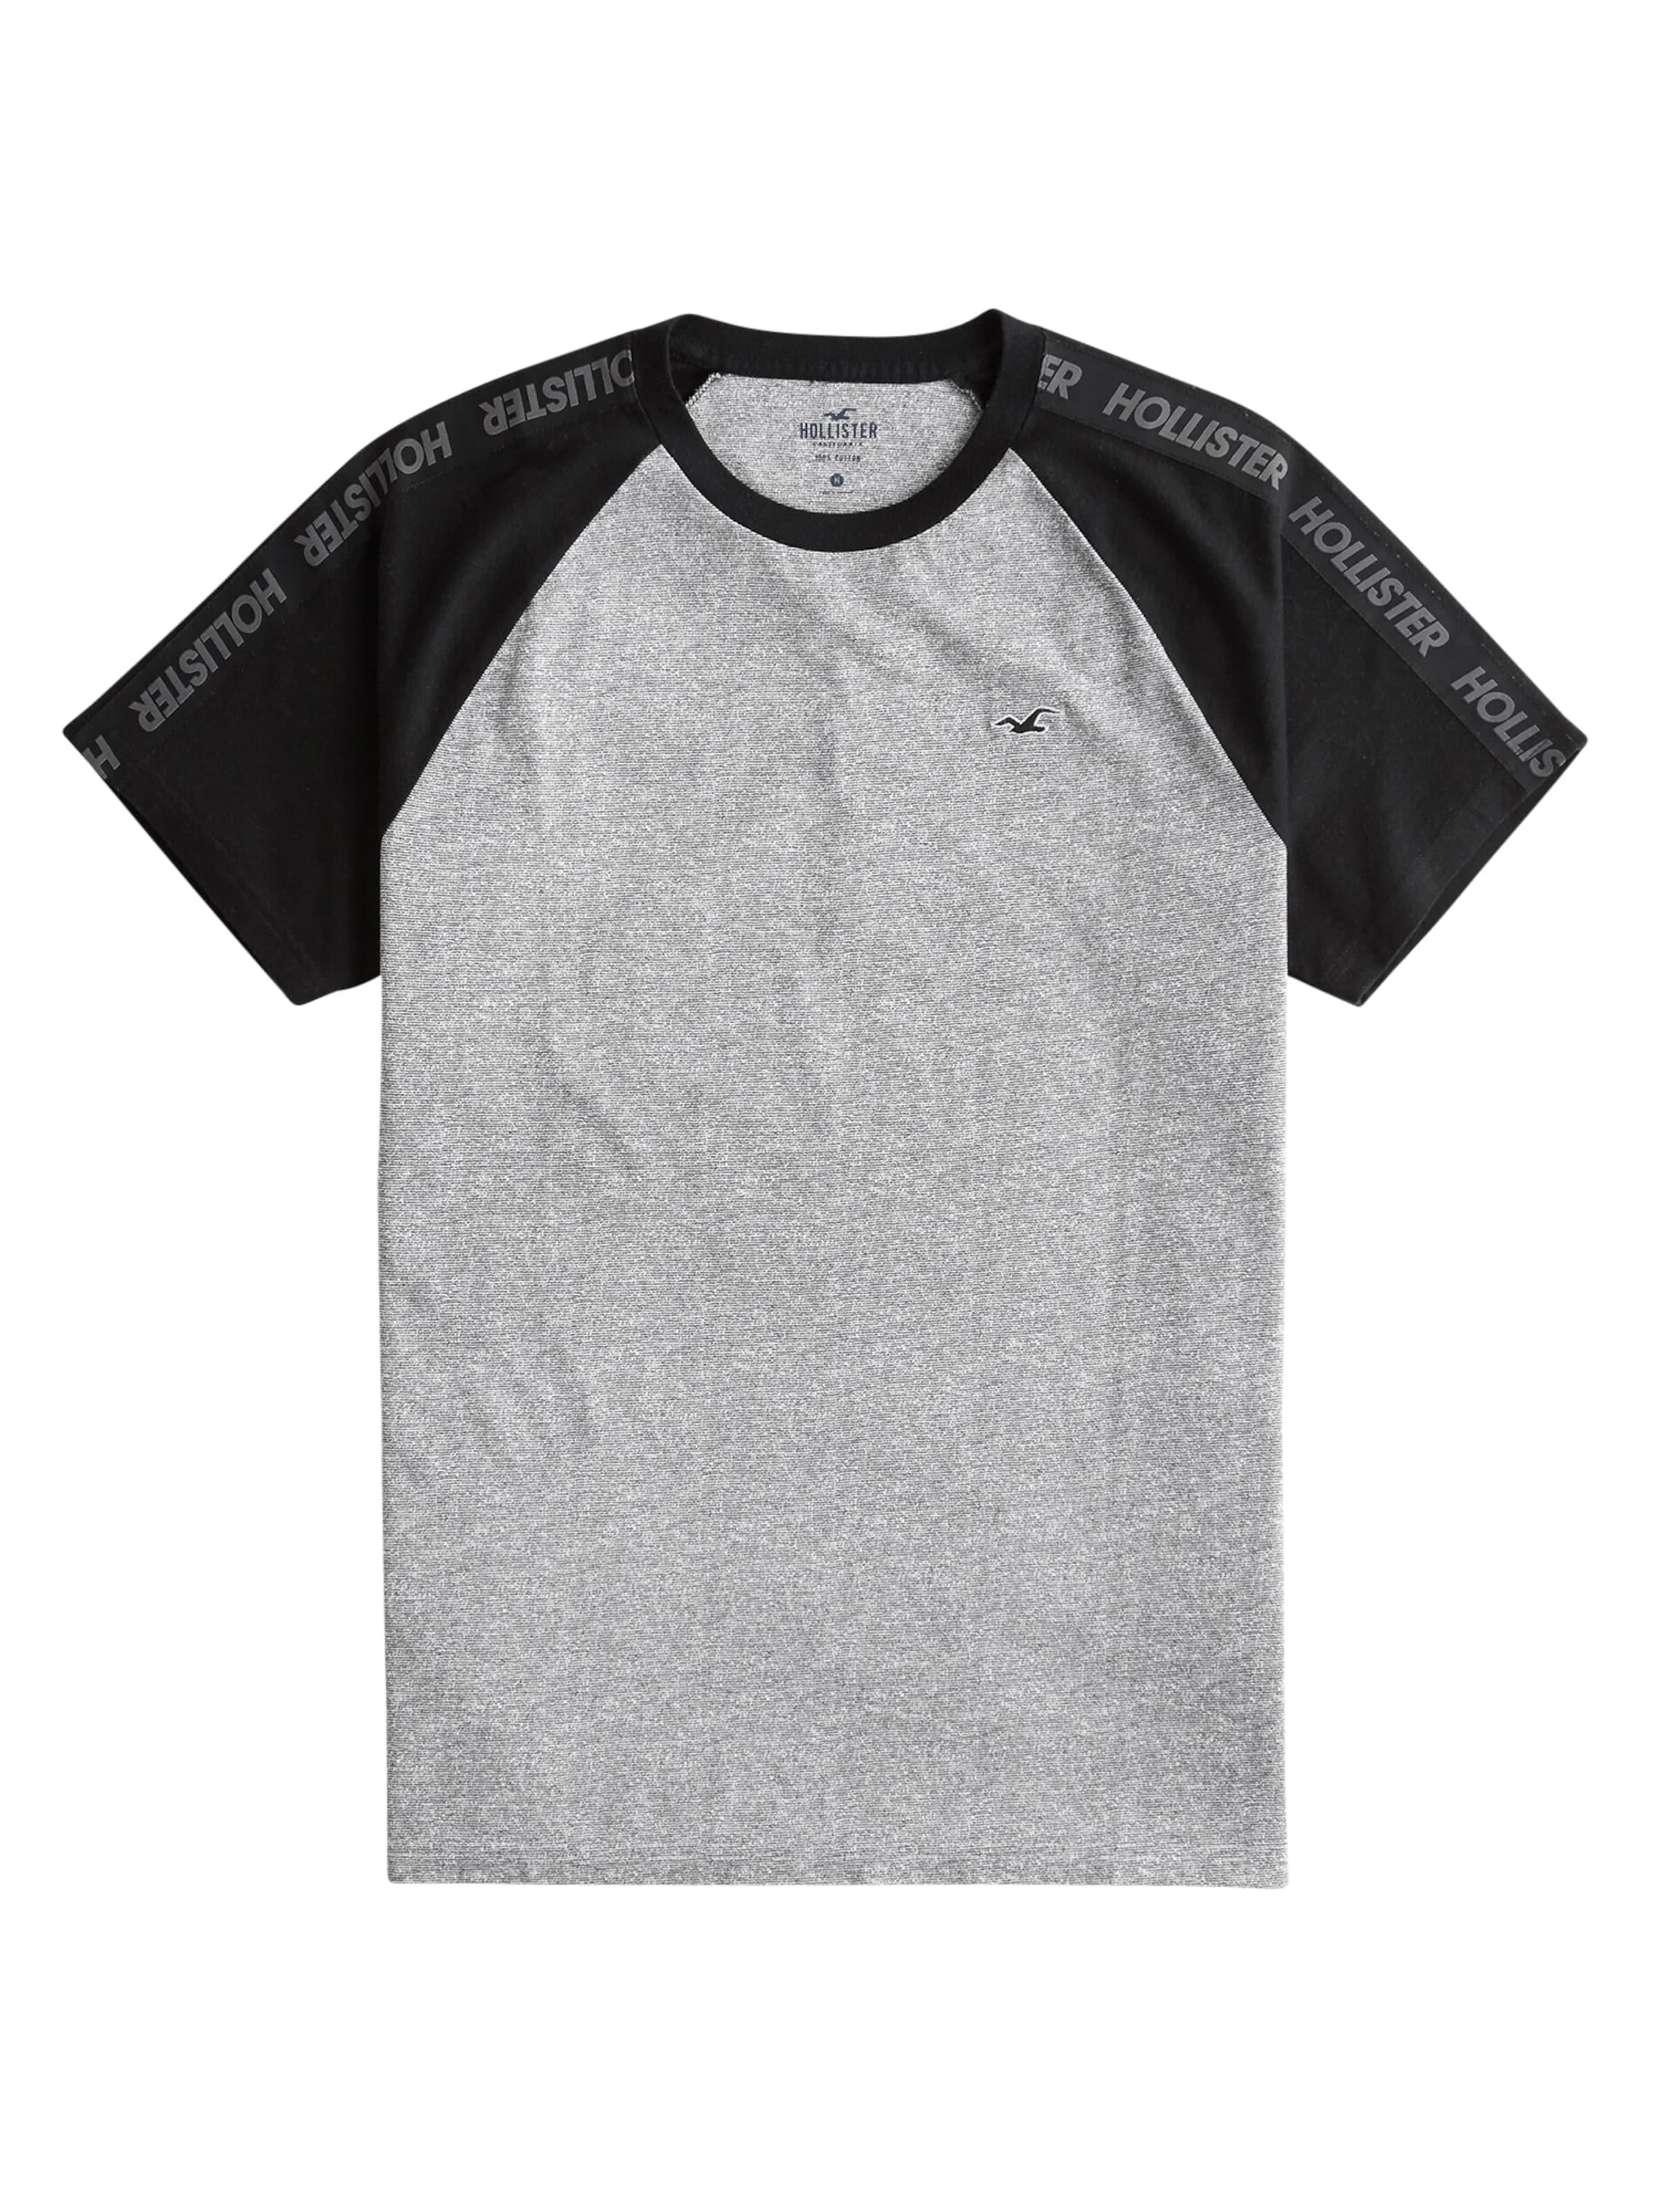 shirt shirt In T Hollister Hollister In HellgrauSchwarz T HellgrauSchwarz T Hollister reCxWBod